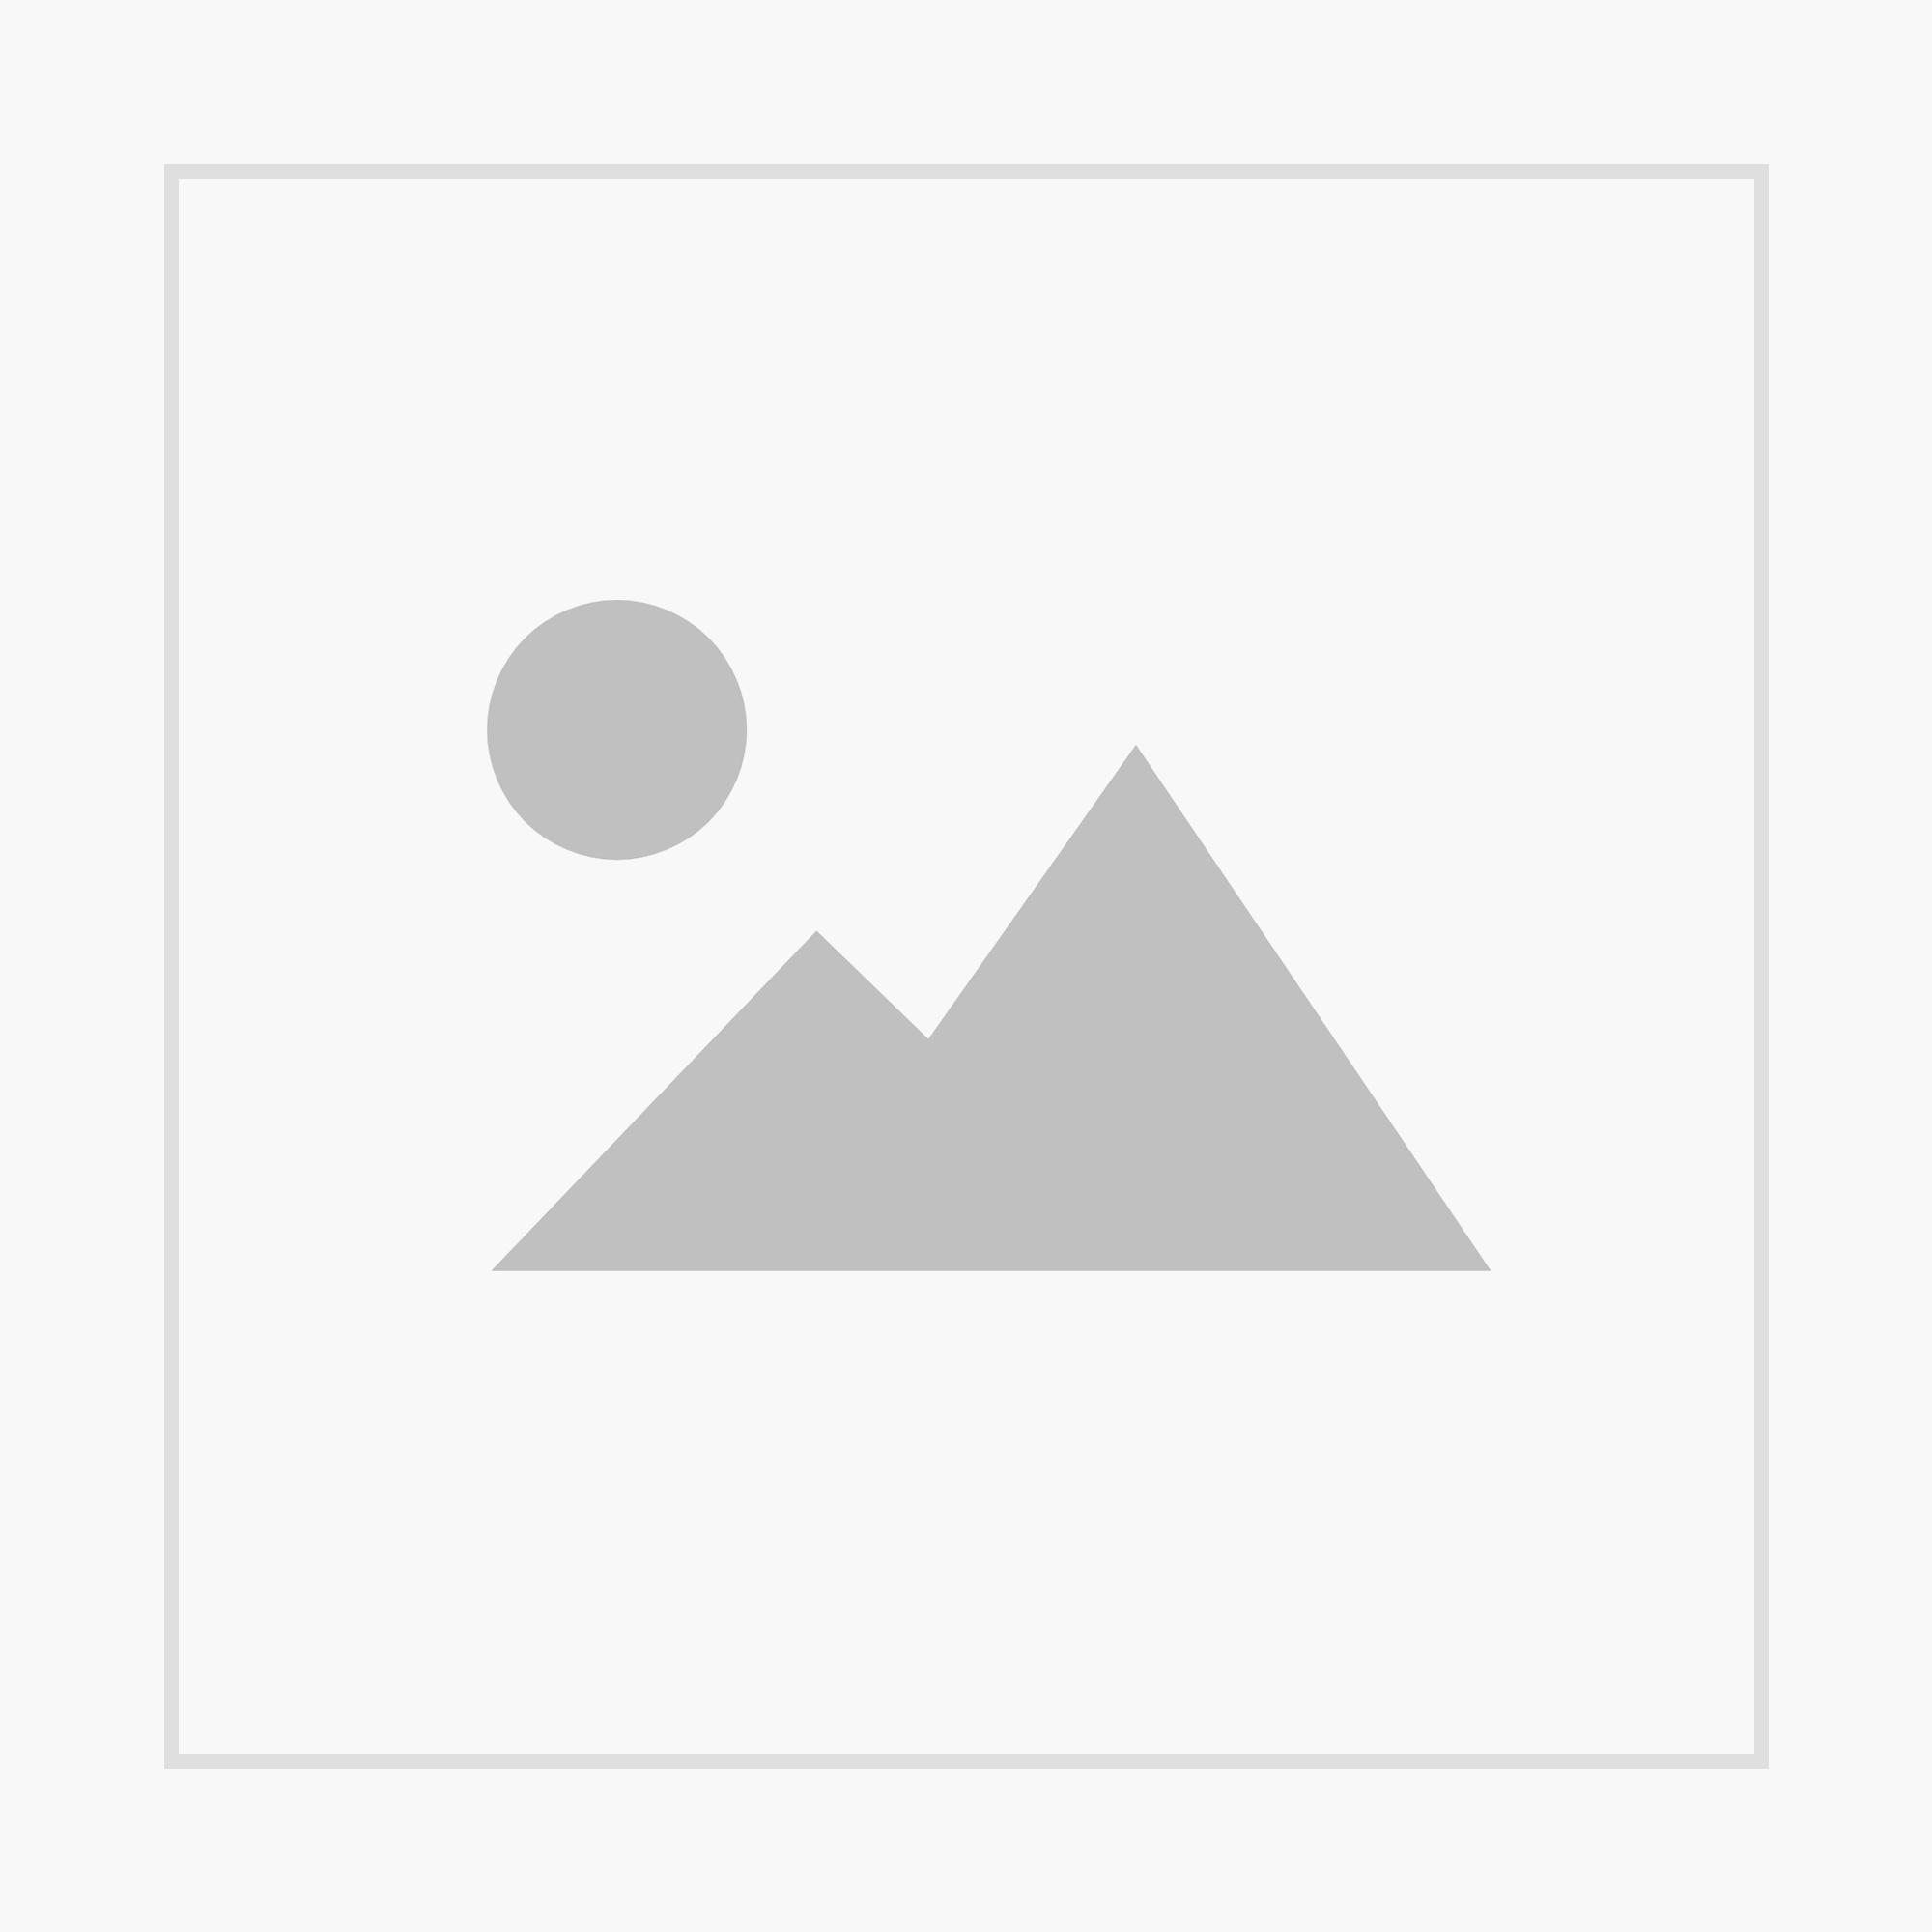 NaBiV Heft 147: Artenschutz unter Klimawandel: Perspektiven für ein zukunftsfähiges Handlungskonzept